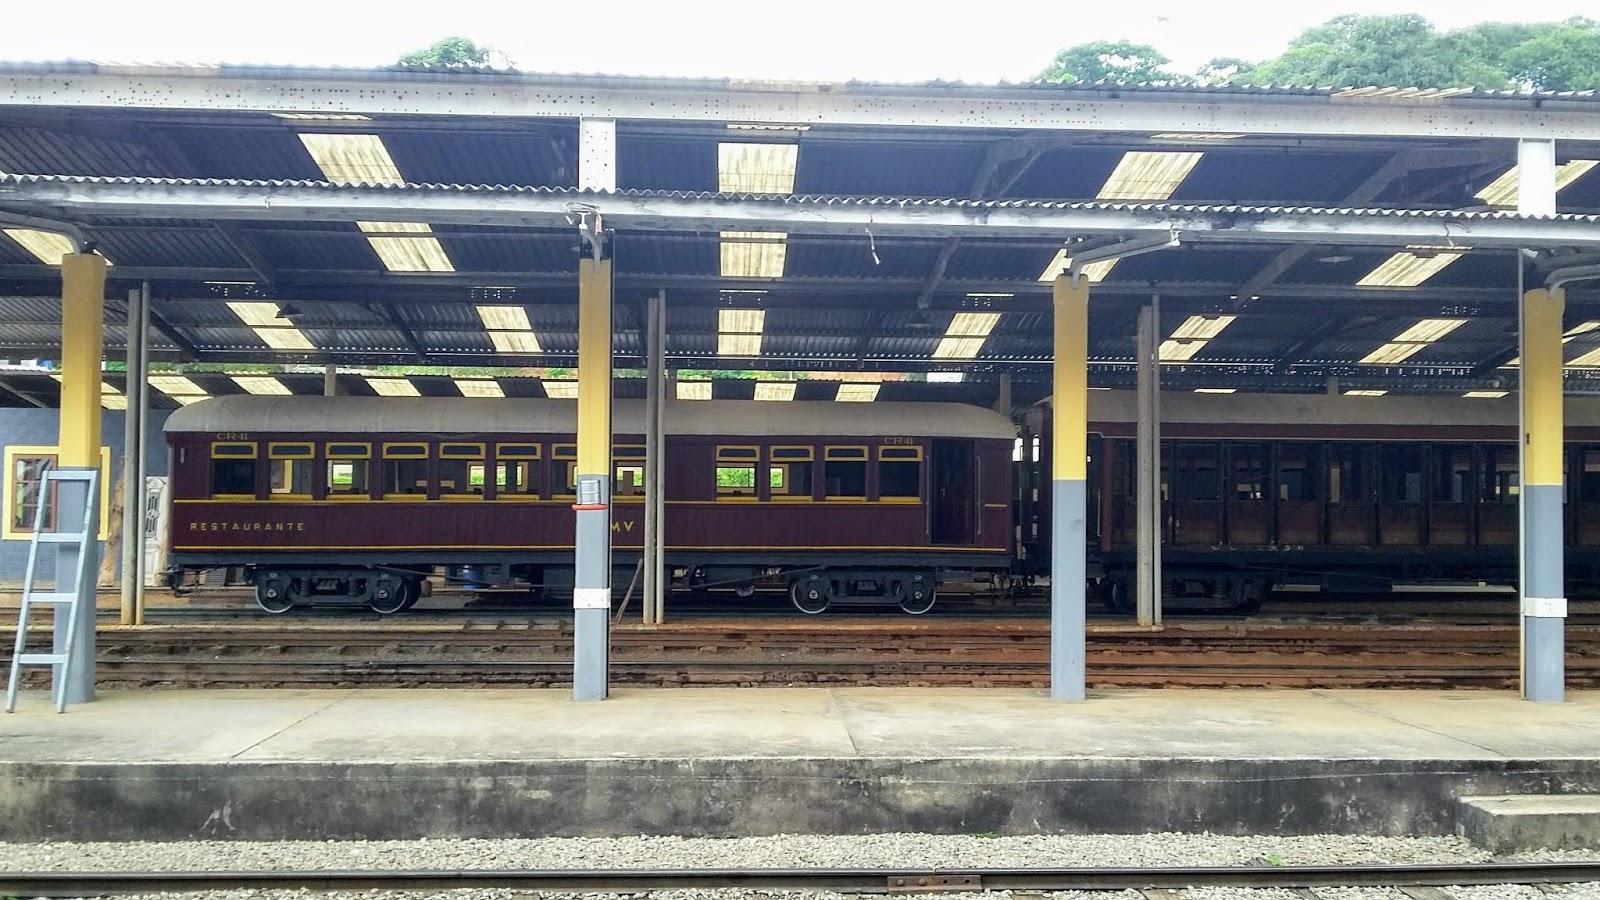 Locomotivas em exposição - Acervo da Estação de São Lourenço